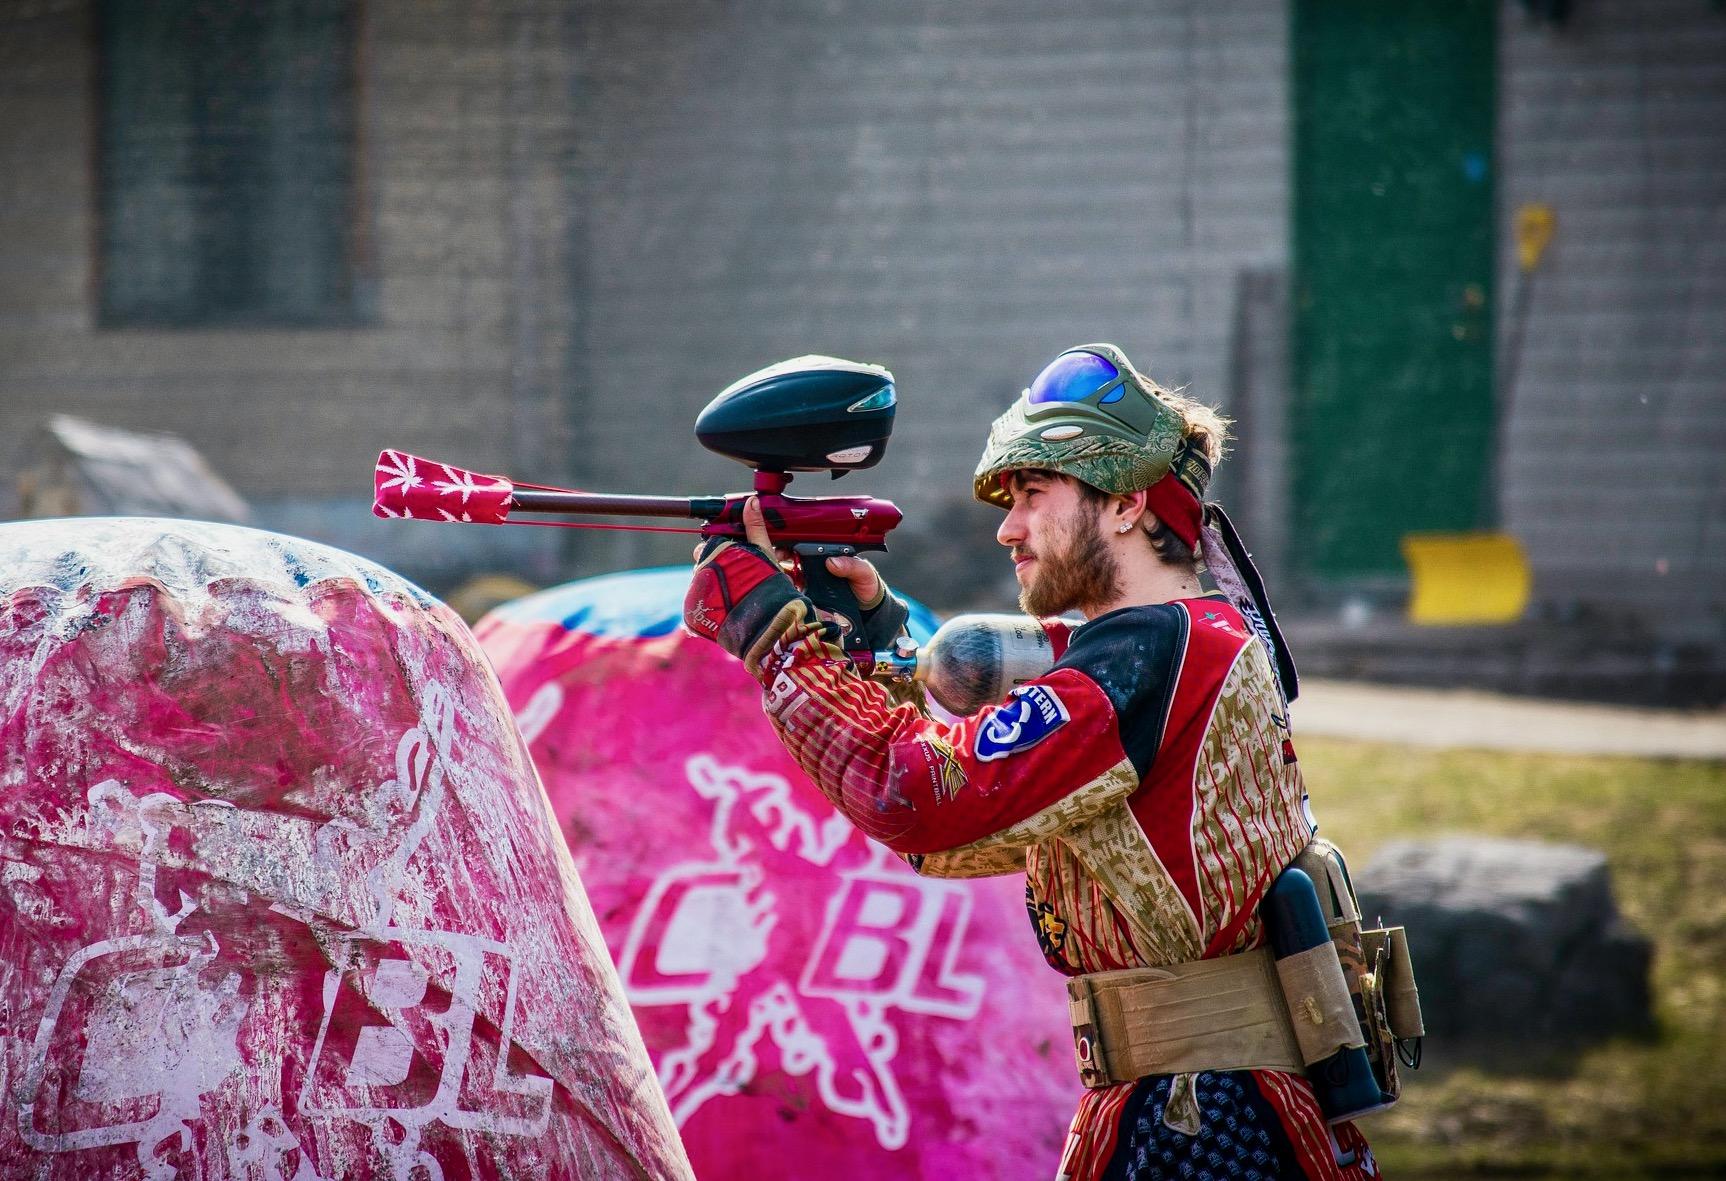 Un hombre vestido con ropa protectora está apuntando con su pistola de paintball listo para disparar.